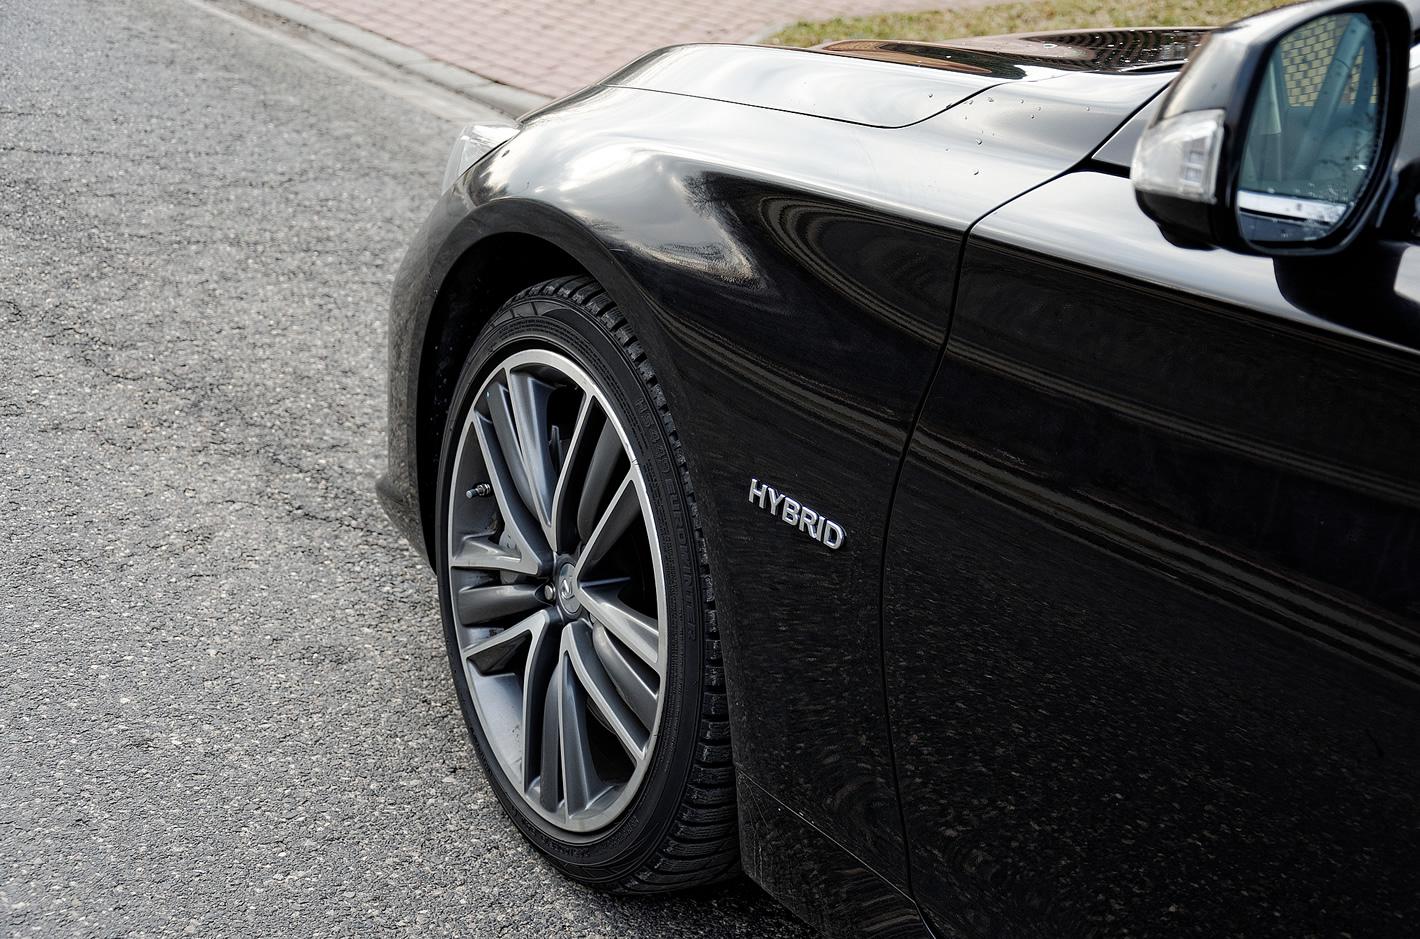 Infiniti Q50S Hybrid AWD - hybrydowy napęd